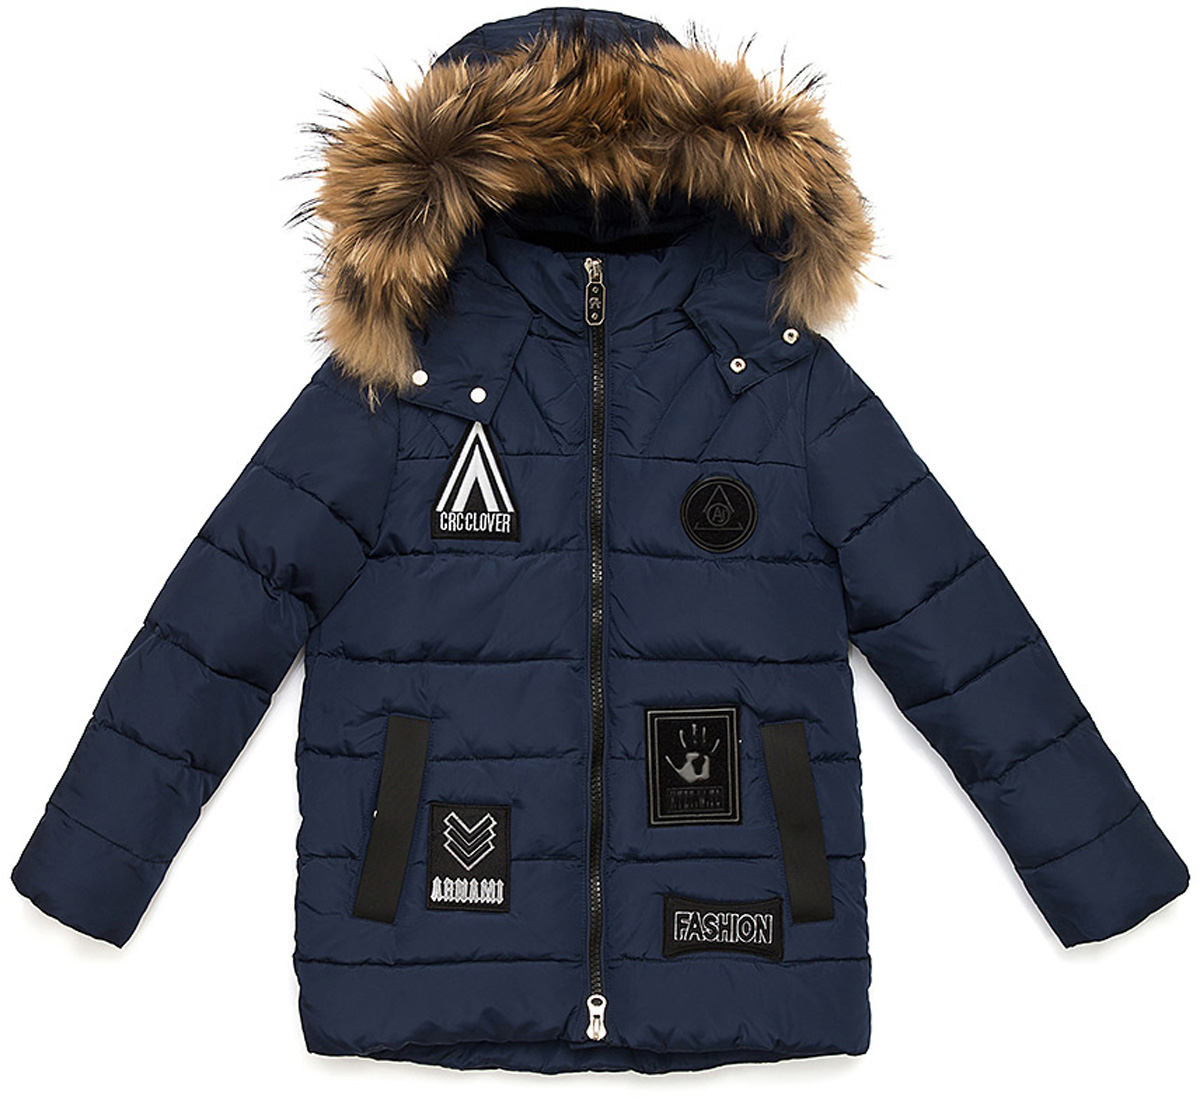 Куртка для мальчика Vitacci, цвет: синий. 1171483-04. Размер 1601171483-04Удлиненная куртка для мальчика Vitacci, изготовленная из полиэстера, станет стильнымдополнением к детскому гардеробу.Подкладка выполнена из полиэстера и дополнительно утеплена флисом по спинке. В качестве наполнителя используется биопух.Куртка застегивается на пластиковую застежку-молнию и имеет съемный капюшон с отделкой из натурального меха. Изделие оформлено декоративными элементами и нашивками.Температурный режим от -10°С до -25°С.Теплая, удобная и практичная куртка идеально подойдет юному моднику для прогулок!